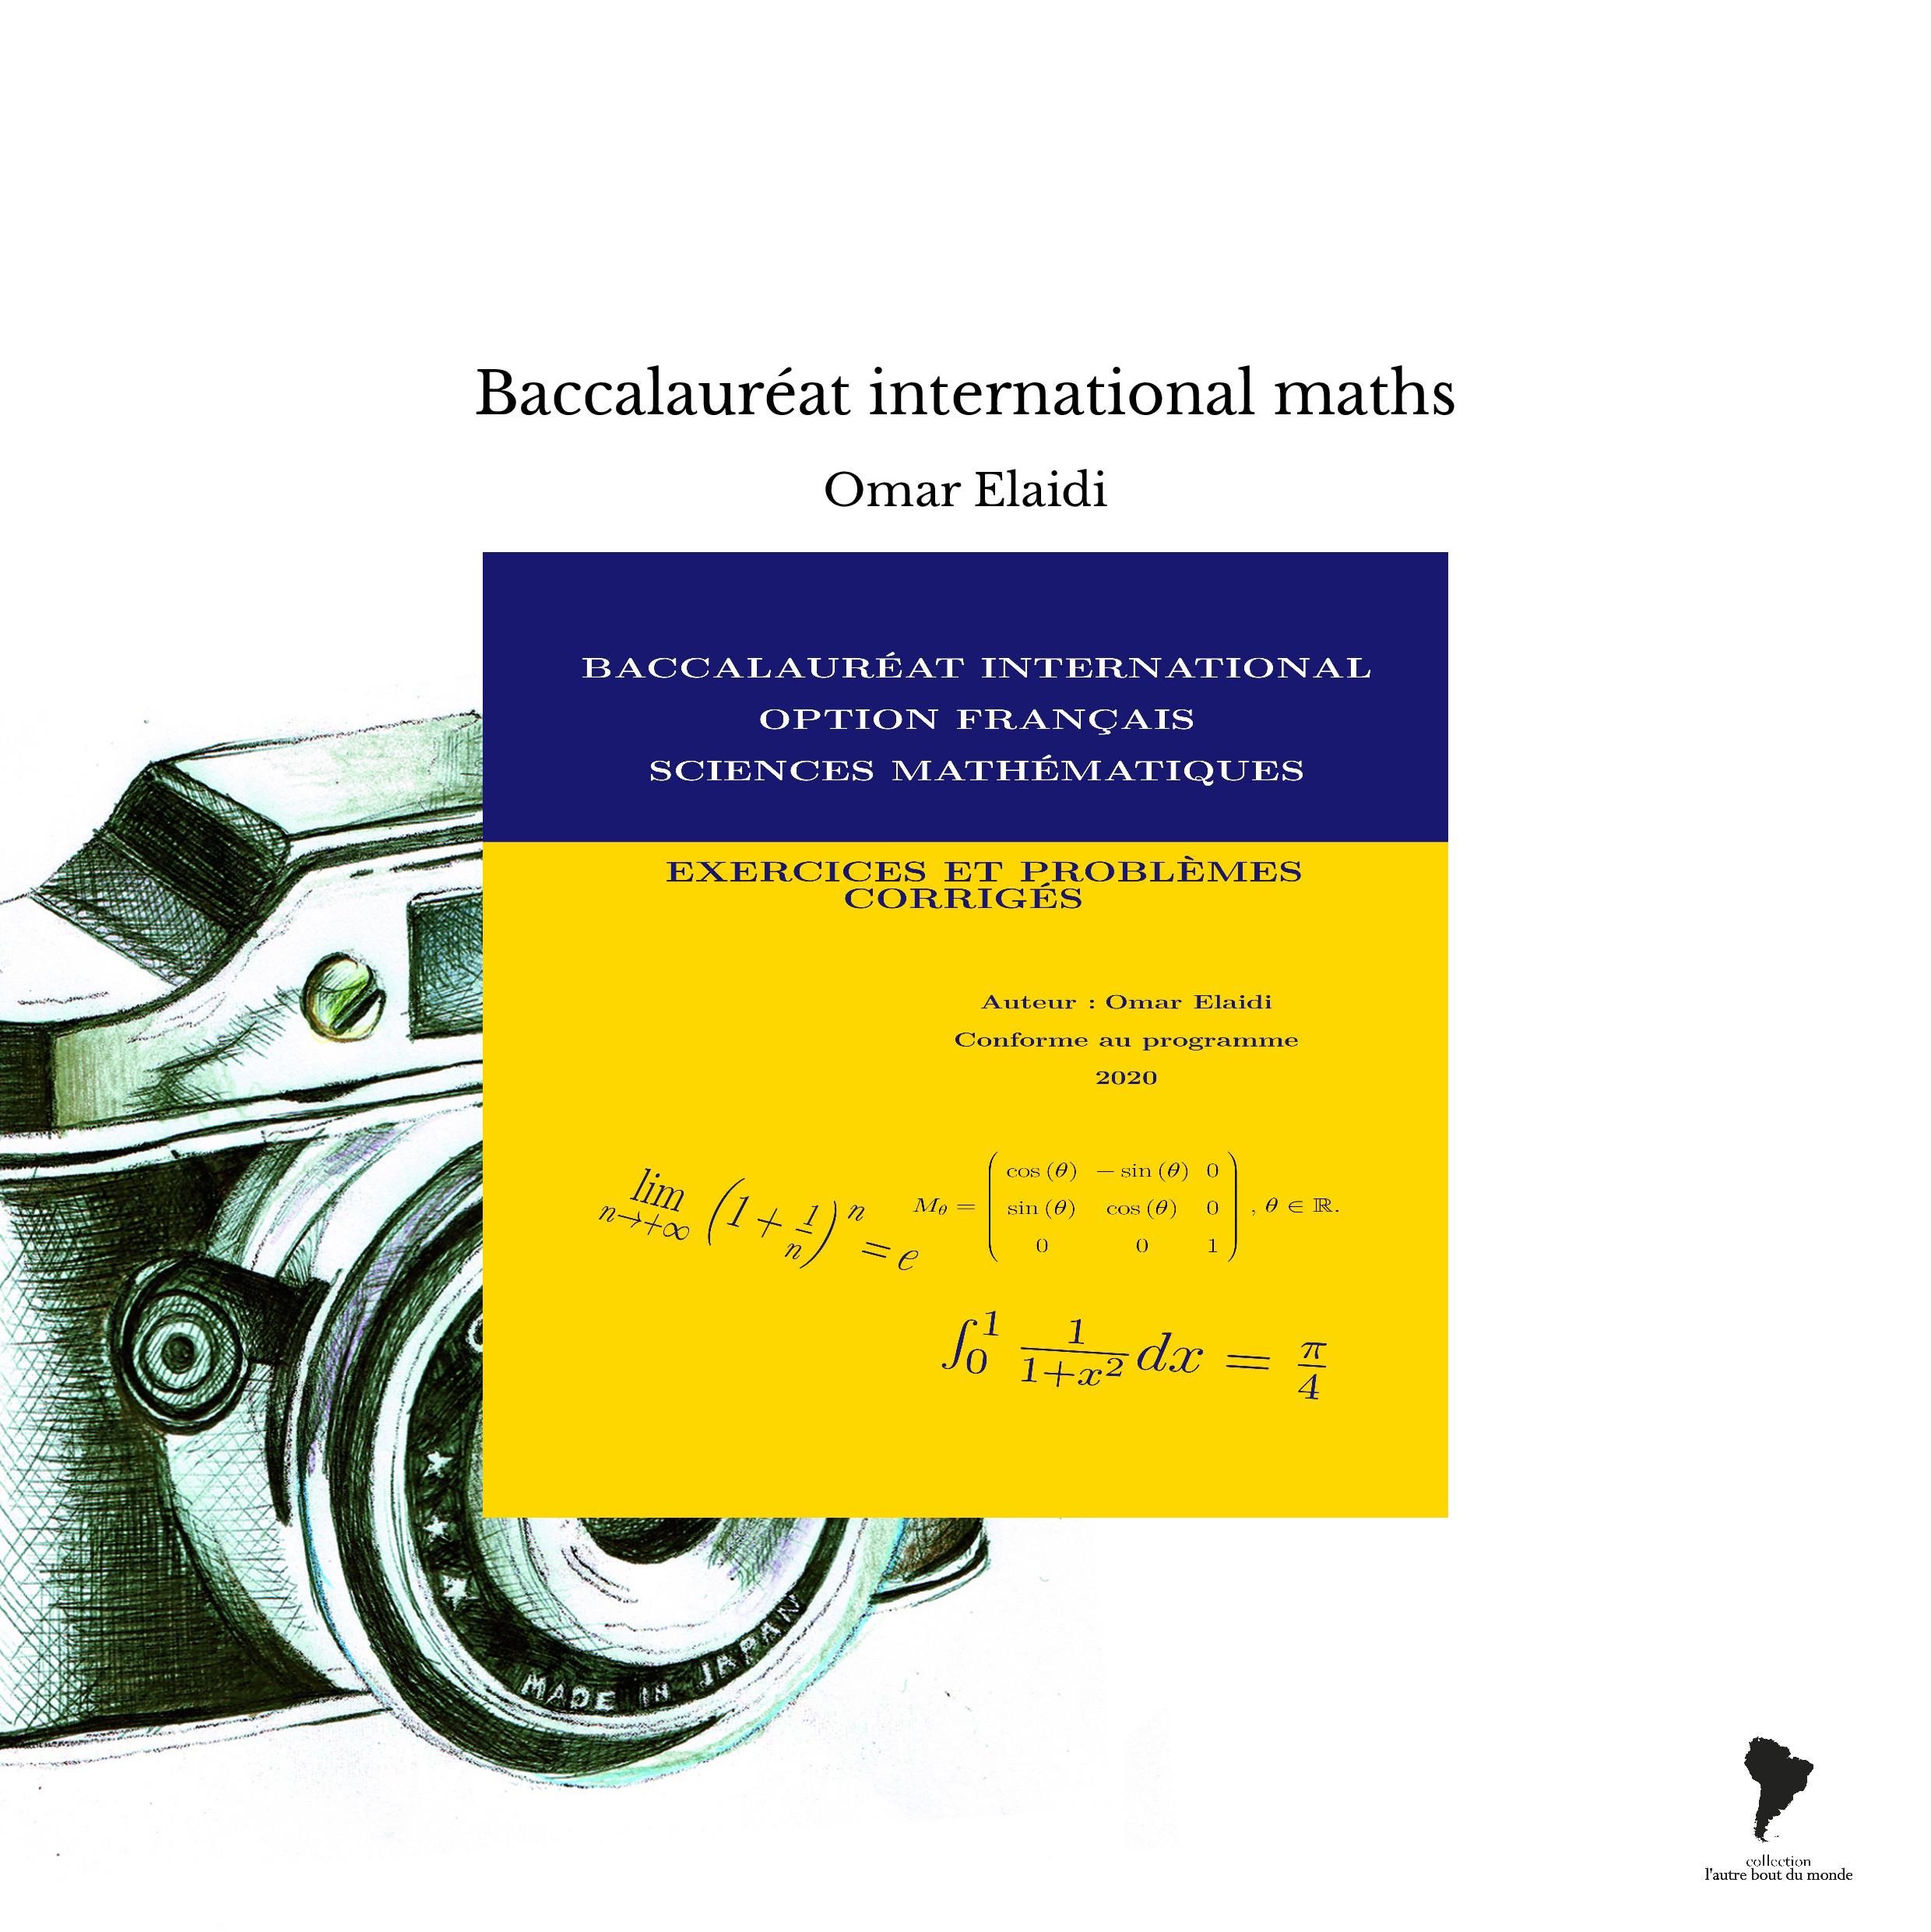 Baccalauréat international maths